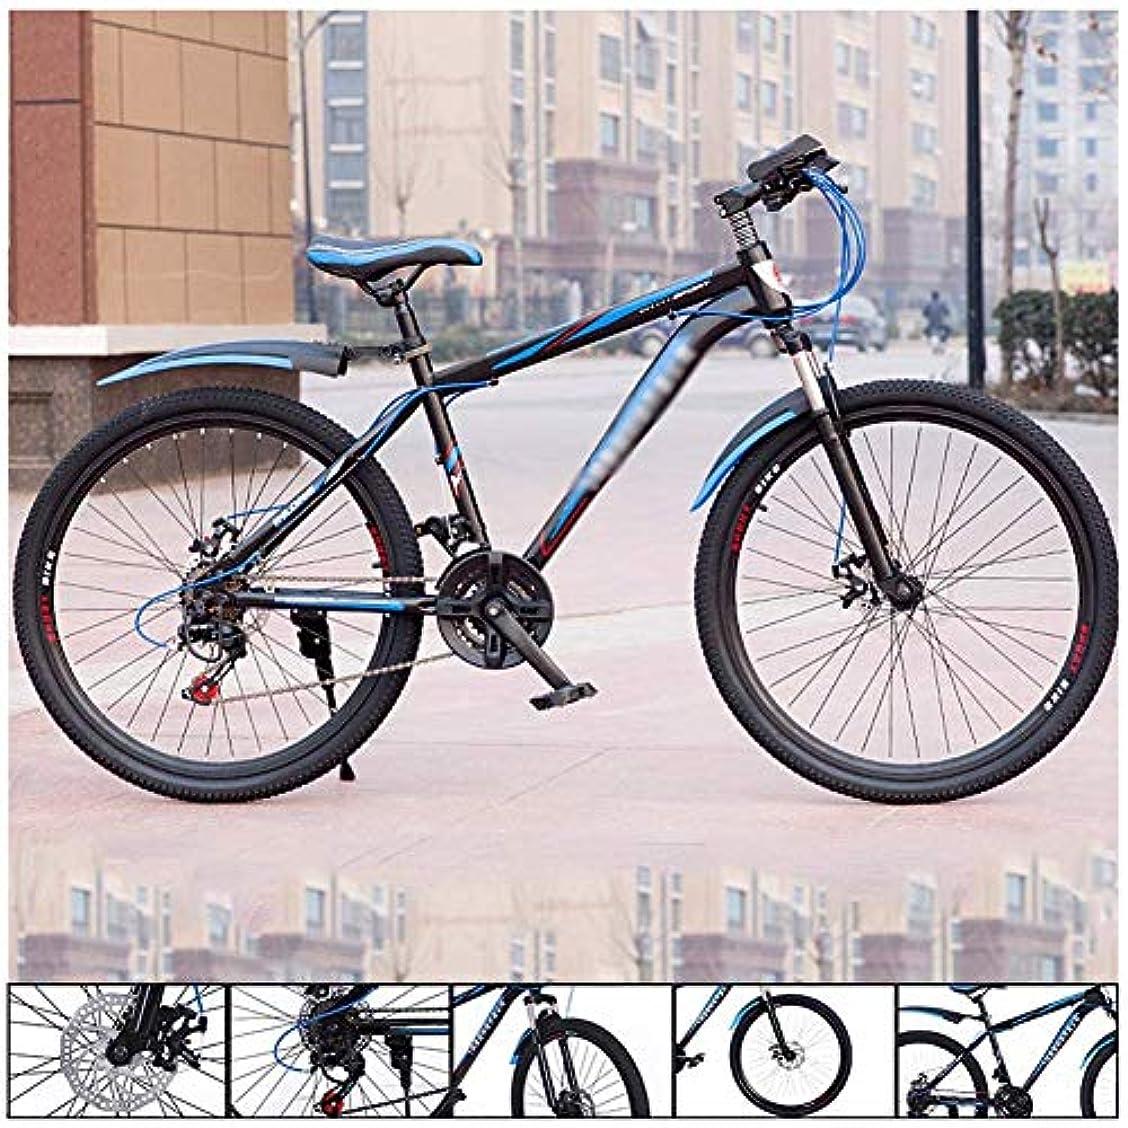 証明する不愉快うま24インチのマウンテンバイク、ダンパー24高速度鋼ダブルスポークロンドン自転車のディスクブレーキのマウンテンバイクビス